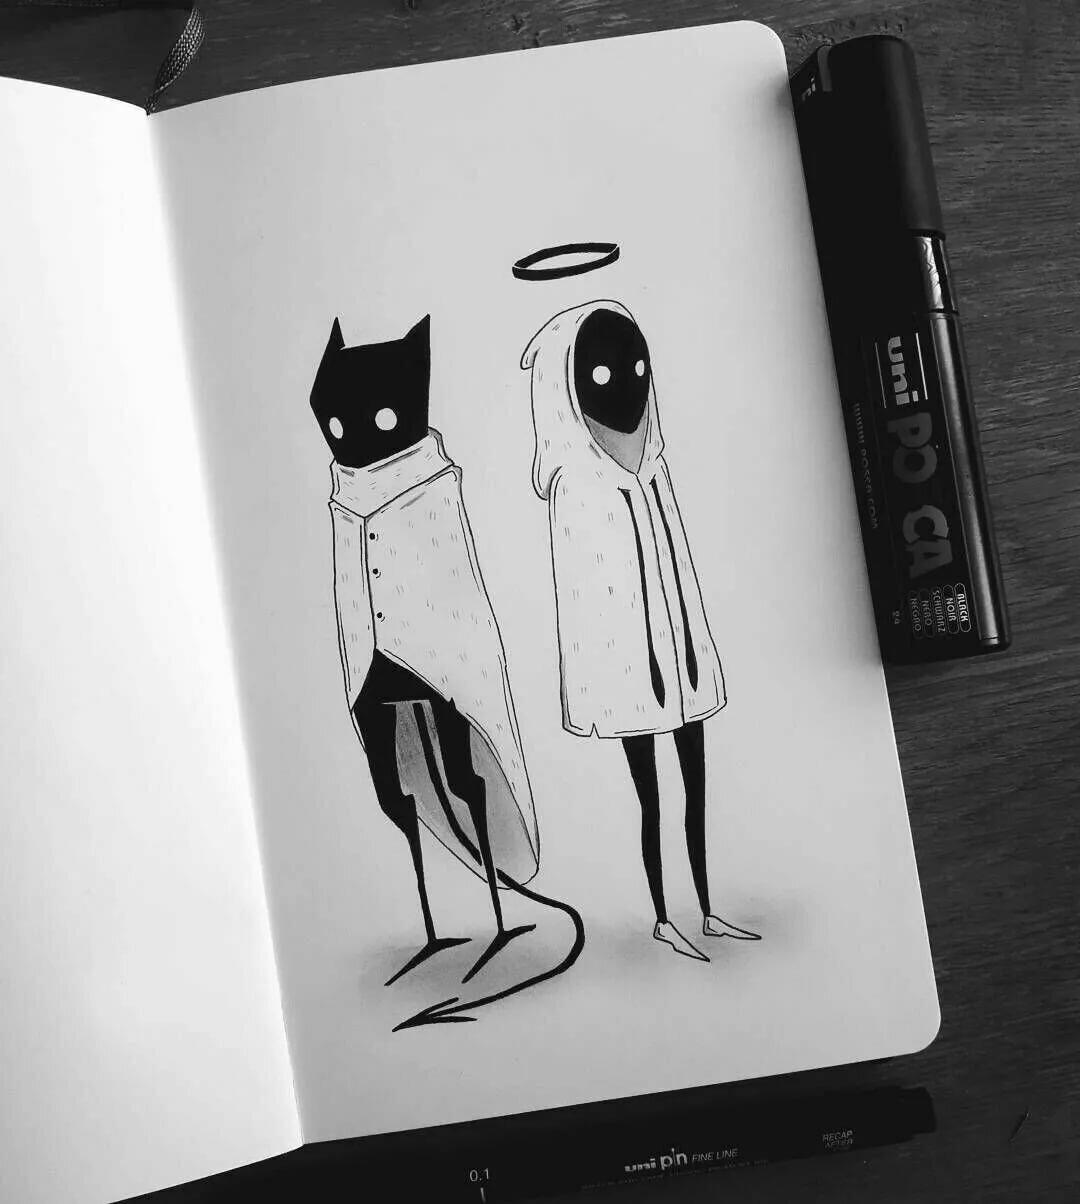 Прикольные картинки в черном стиле, анимационные наступающей троицей